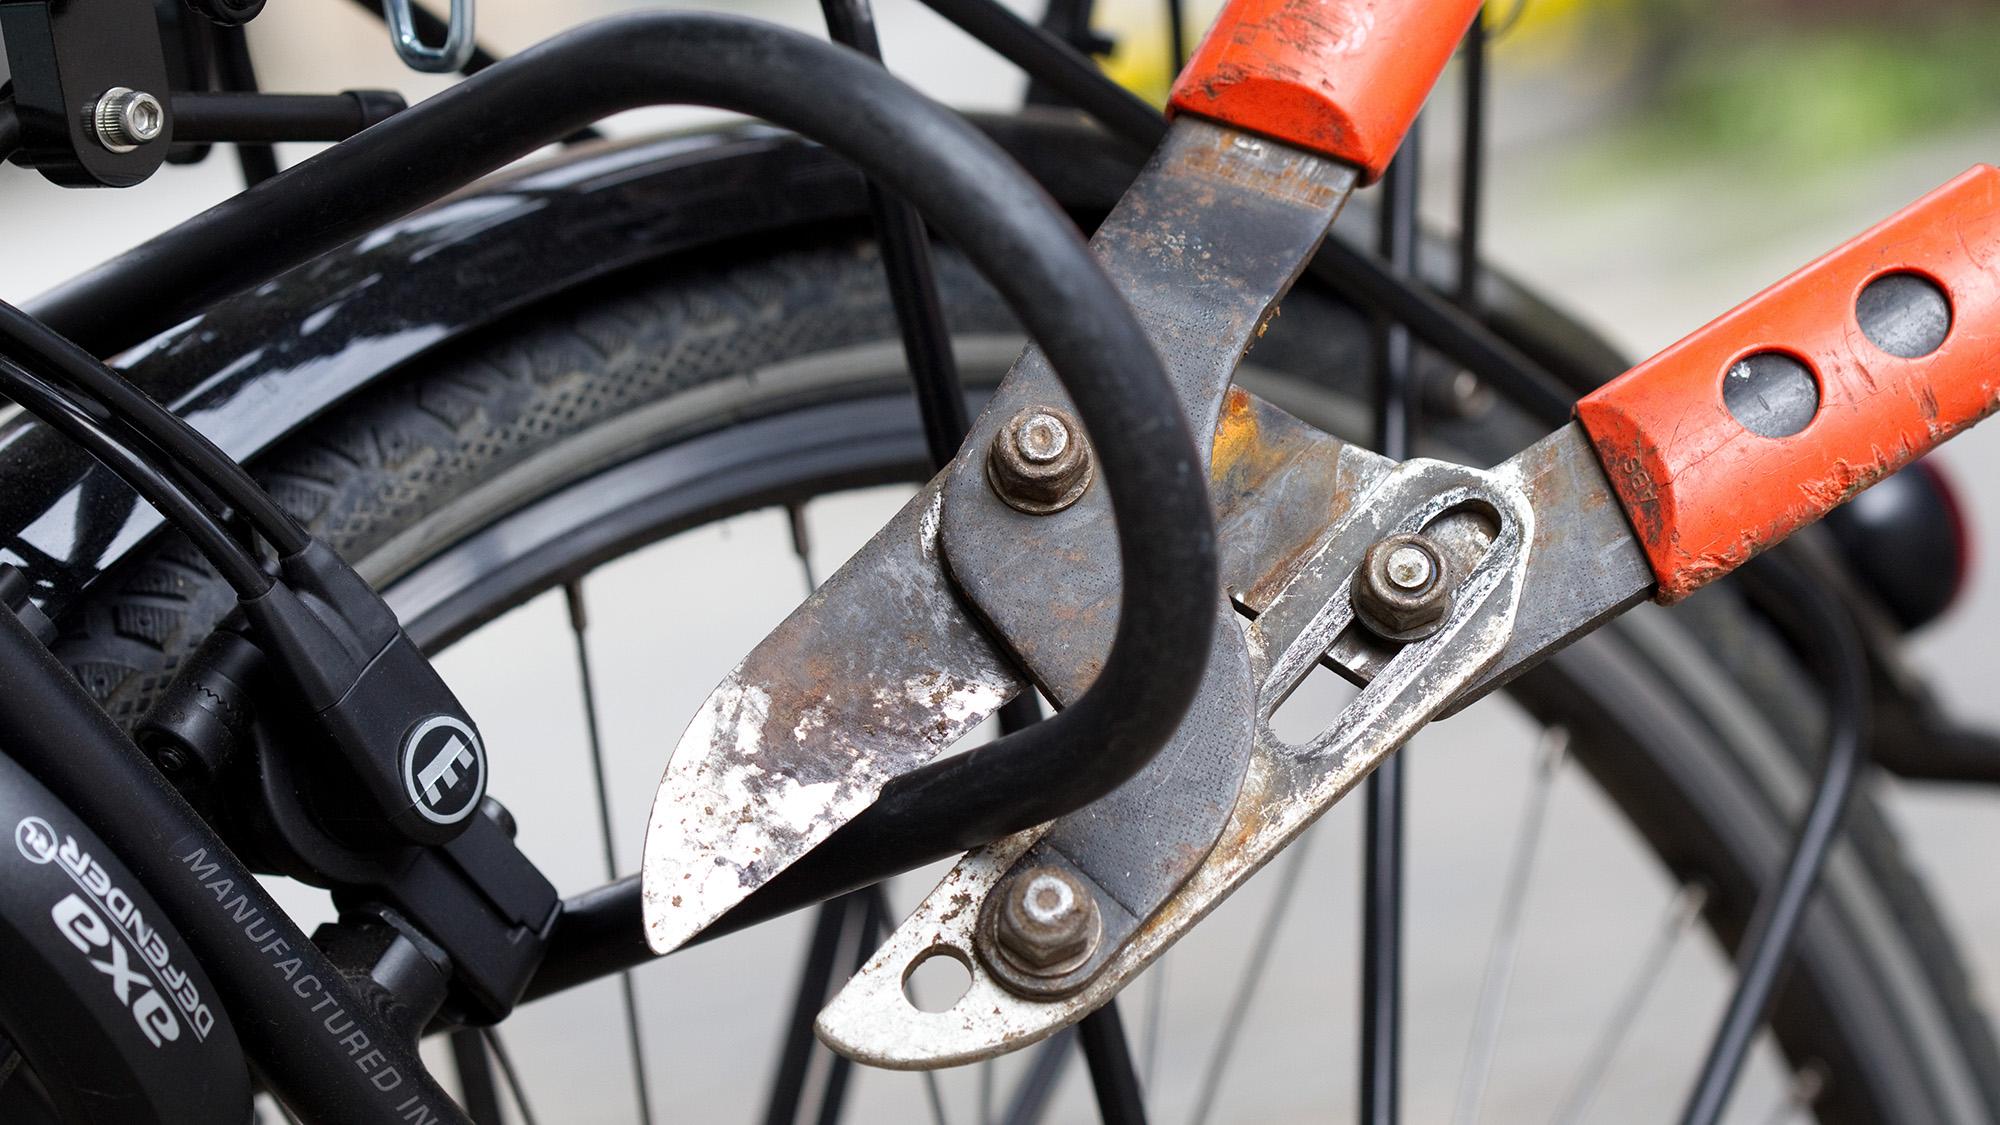 ARCHIV - ILLUSTRATION - Ein Fahrradschloss wird am 31.08.2011 in Rheine (Nordrhein-Westfalen) mit einem Bolzenschneider geˆf